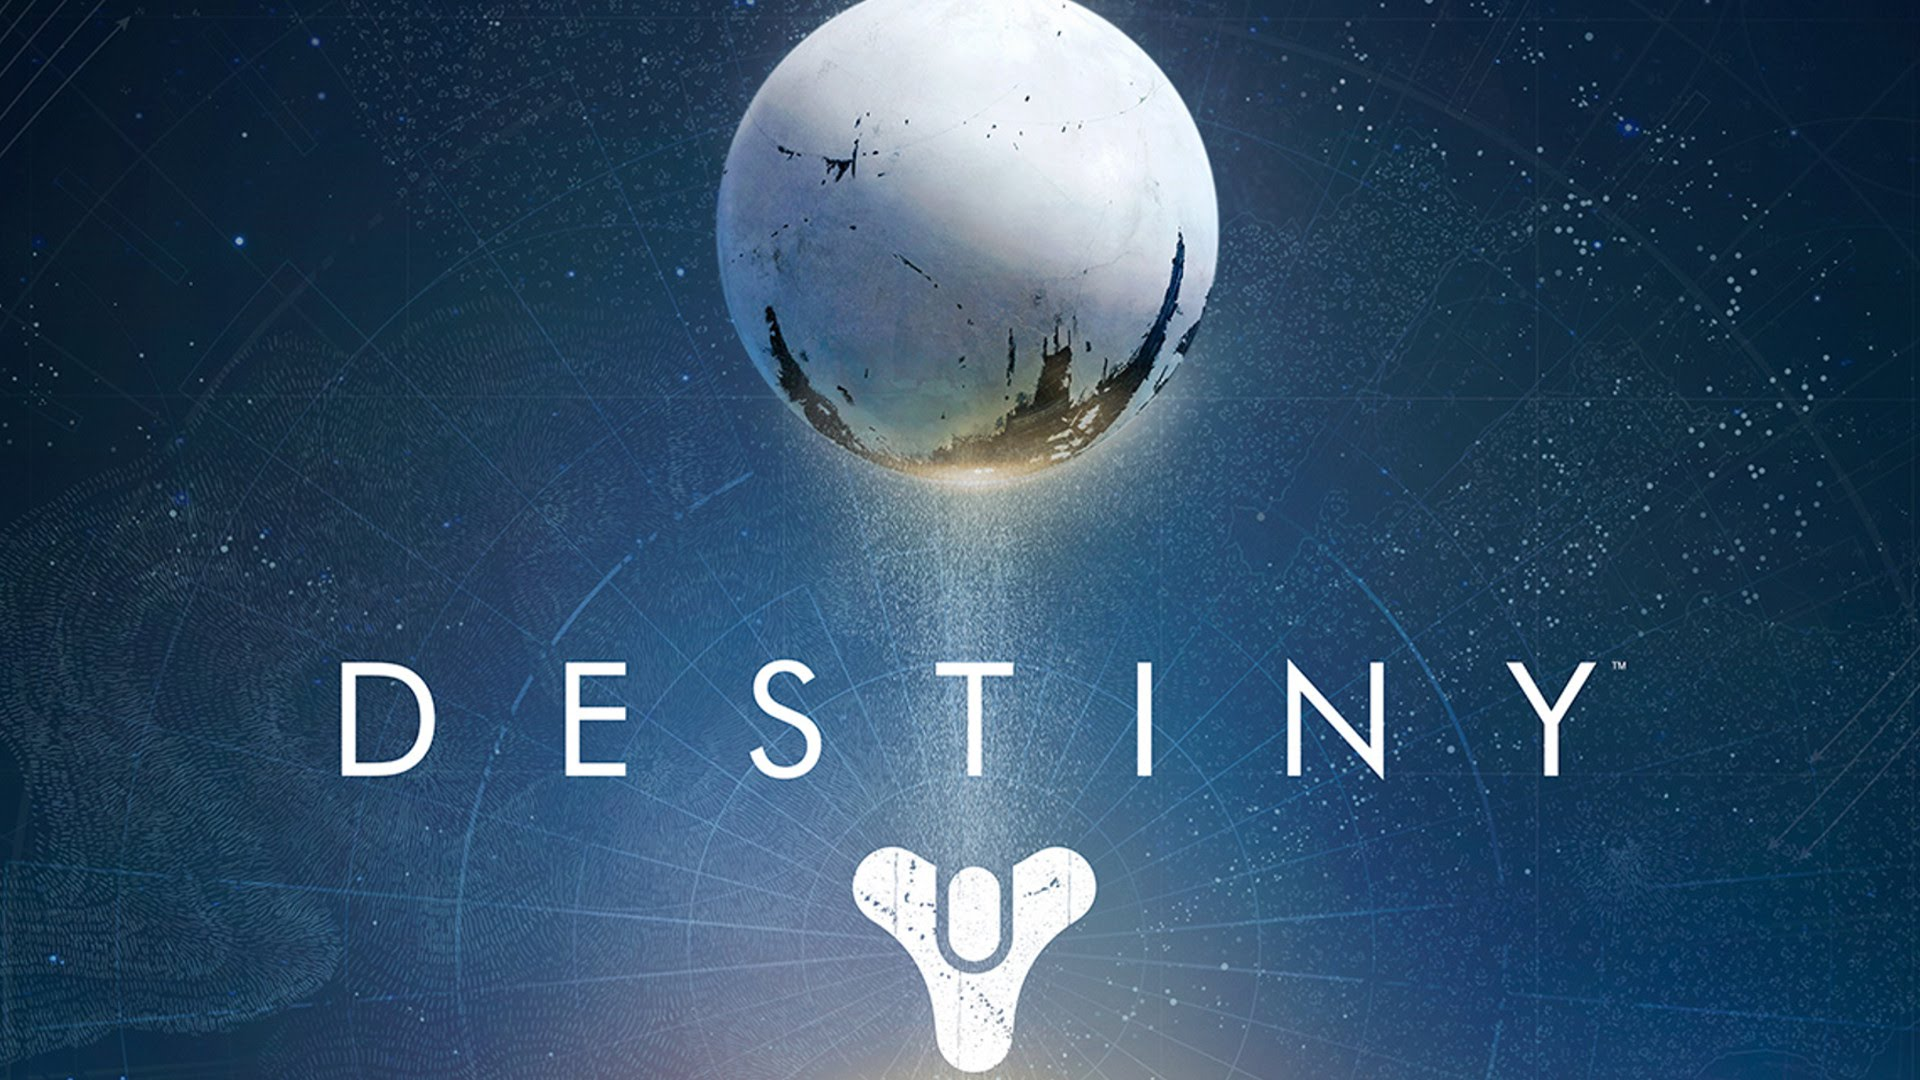 maxresdefault0H3AP8OK Der Live Action Trailer zu Destiny, dem neuen Spielehit von Bungie